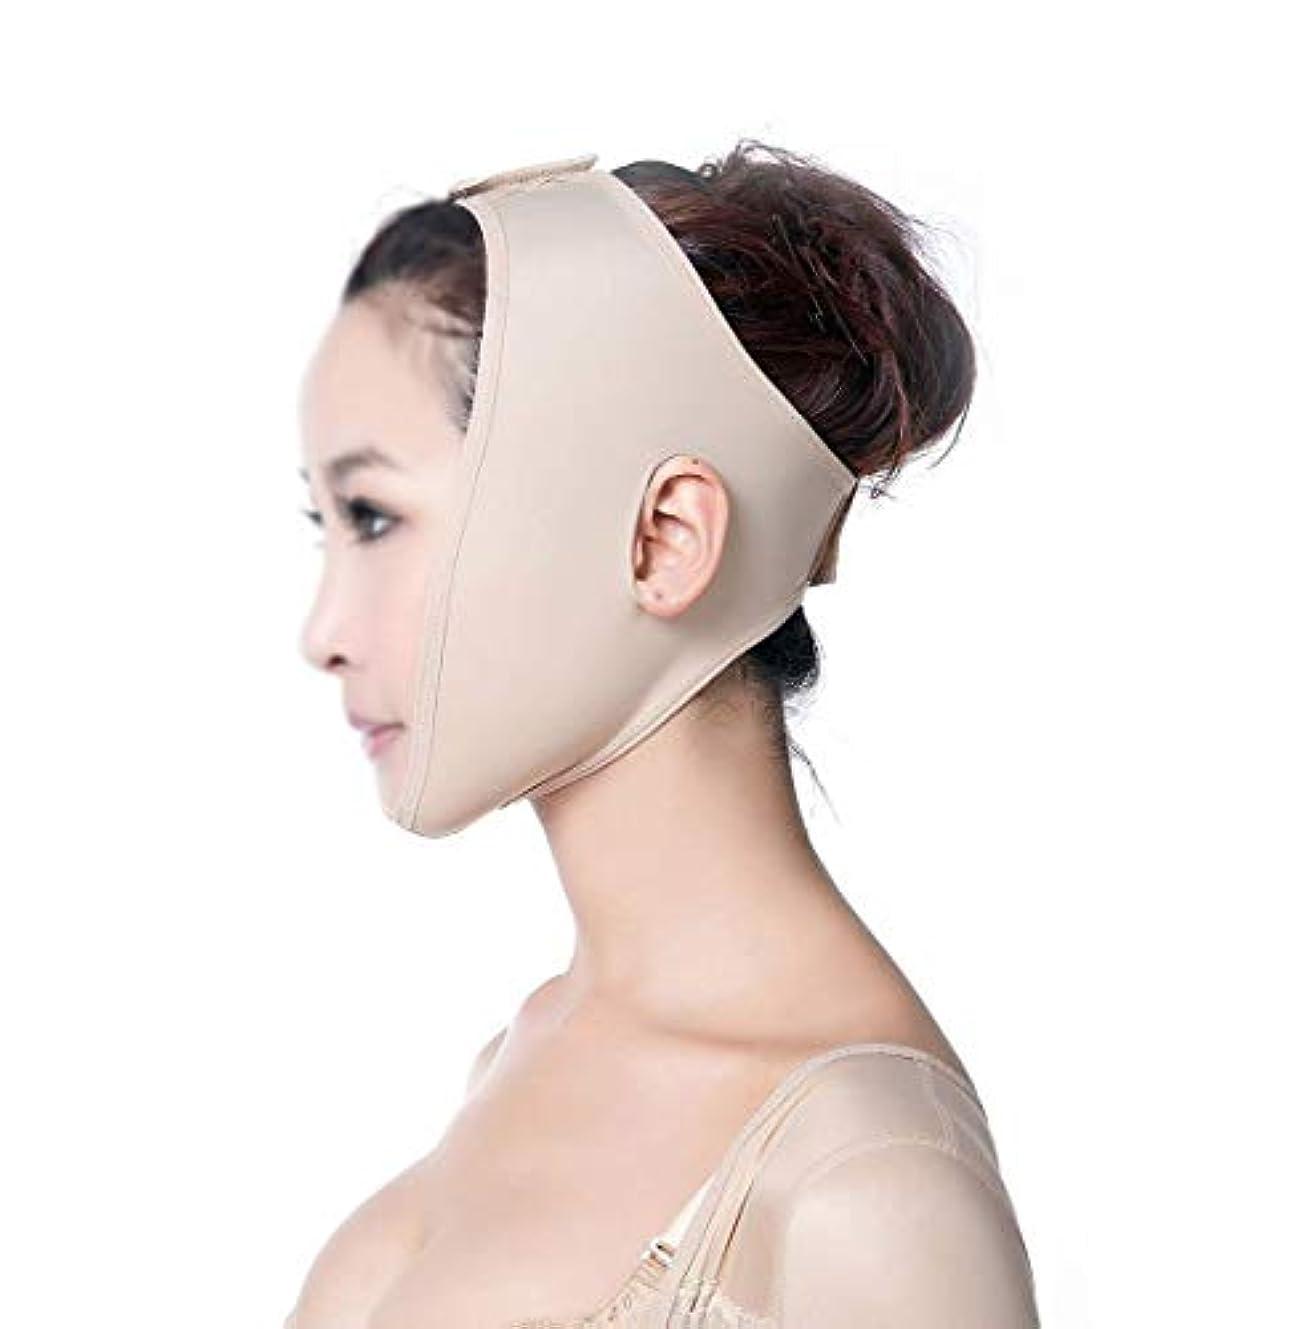 メニューシュート特異性フェイスリフトマスクフェイスアンドネックリフトポストエラスティックスリーブ下顎骨セットフェイスアーティファクトVフェイスフェイシャルフェイスバンドルダブルチンマスク(サイズ:L)